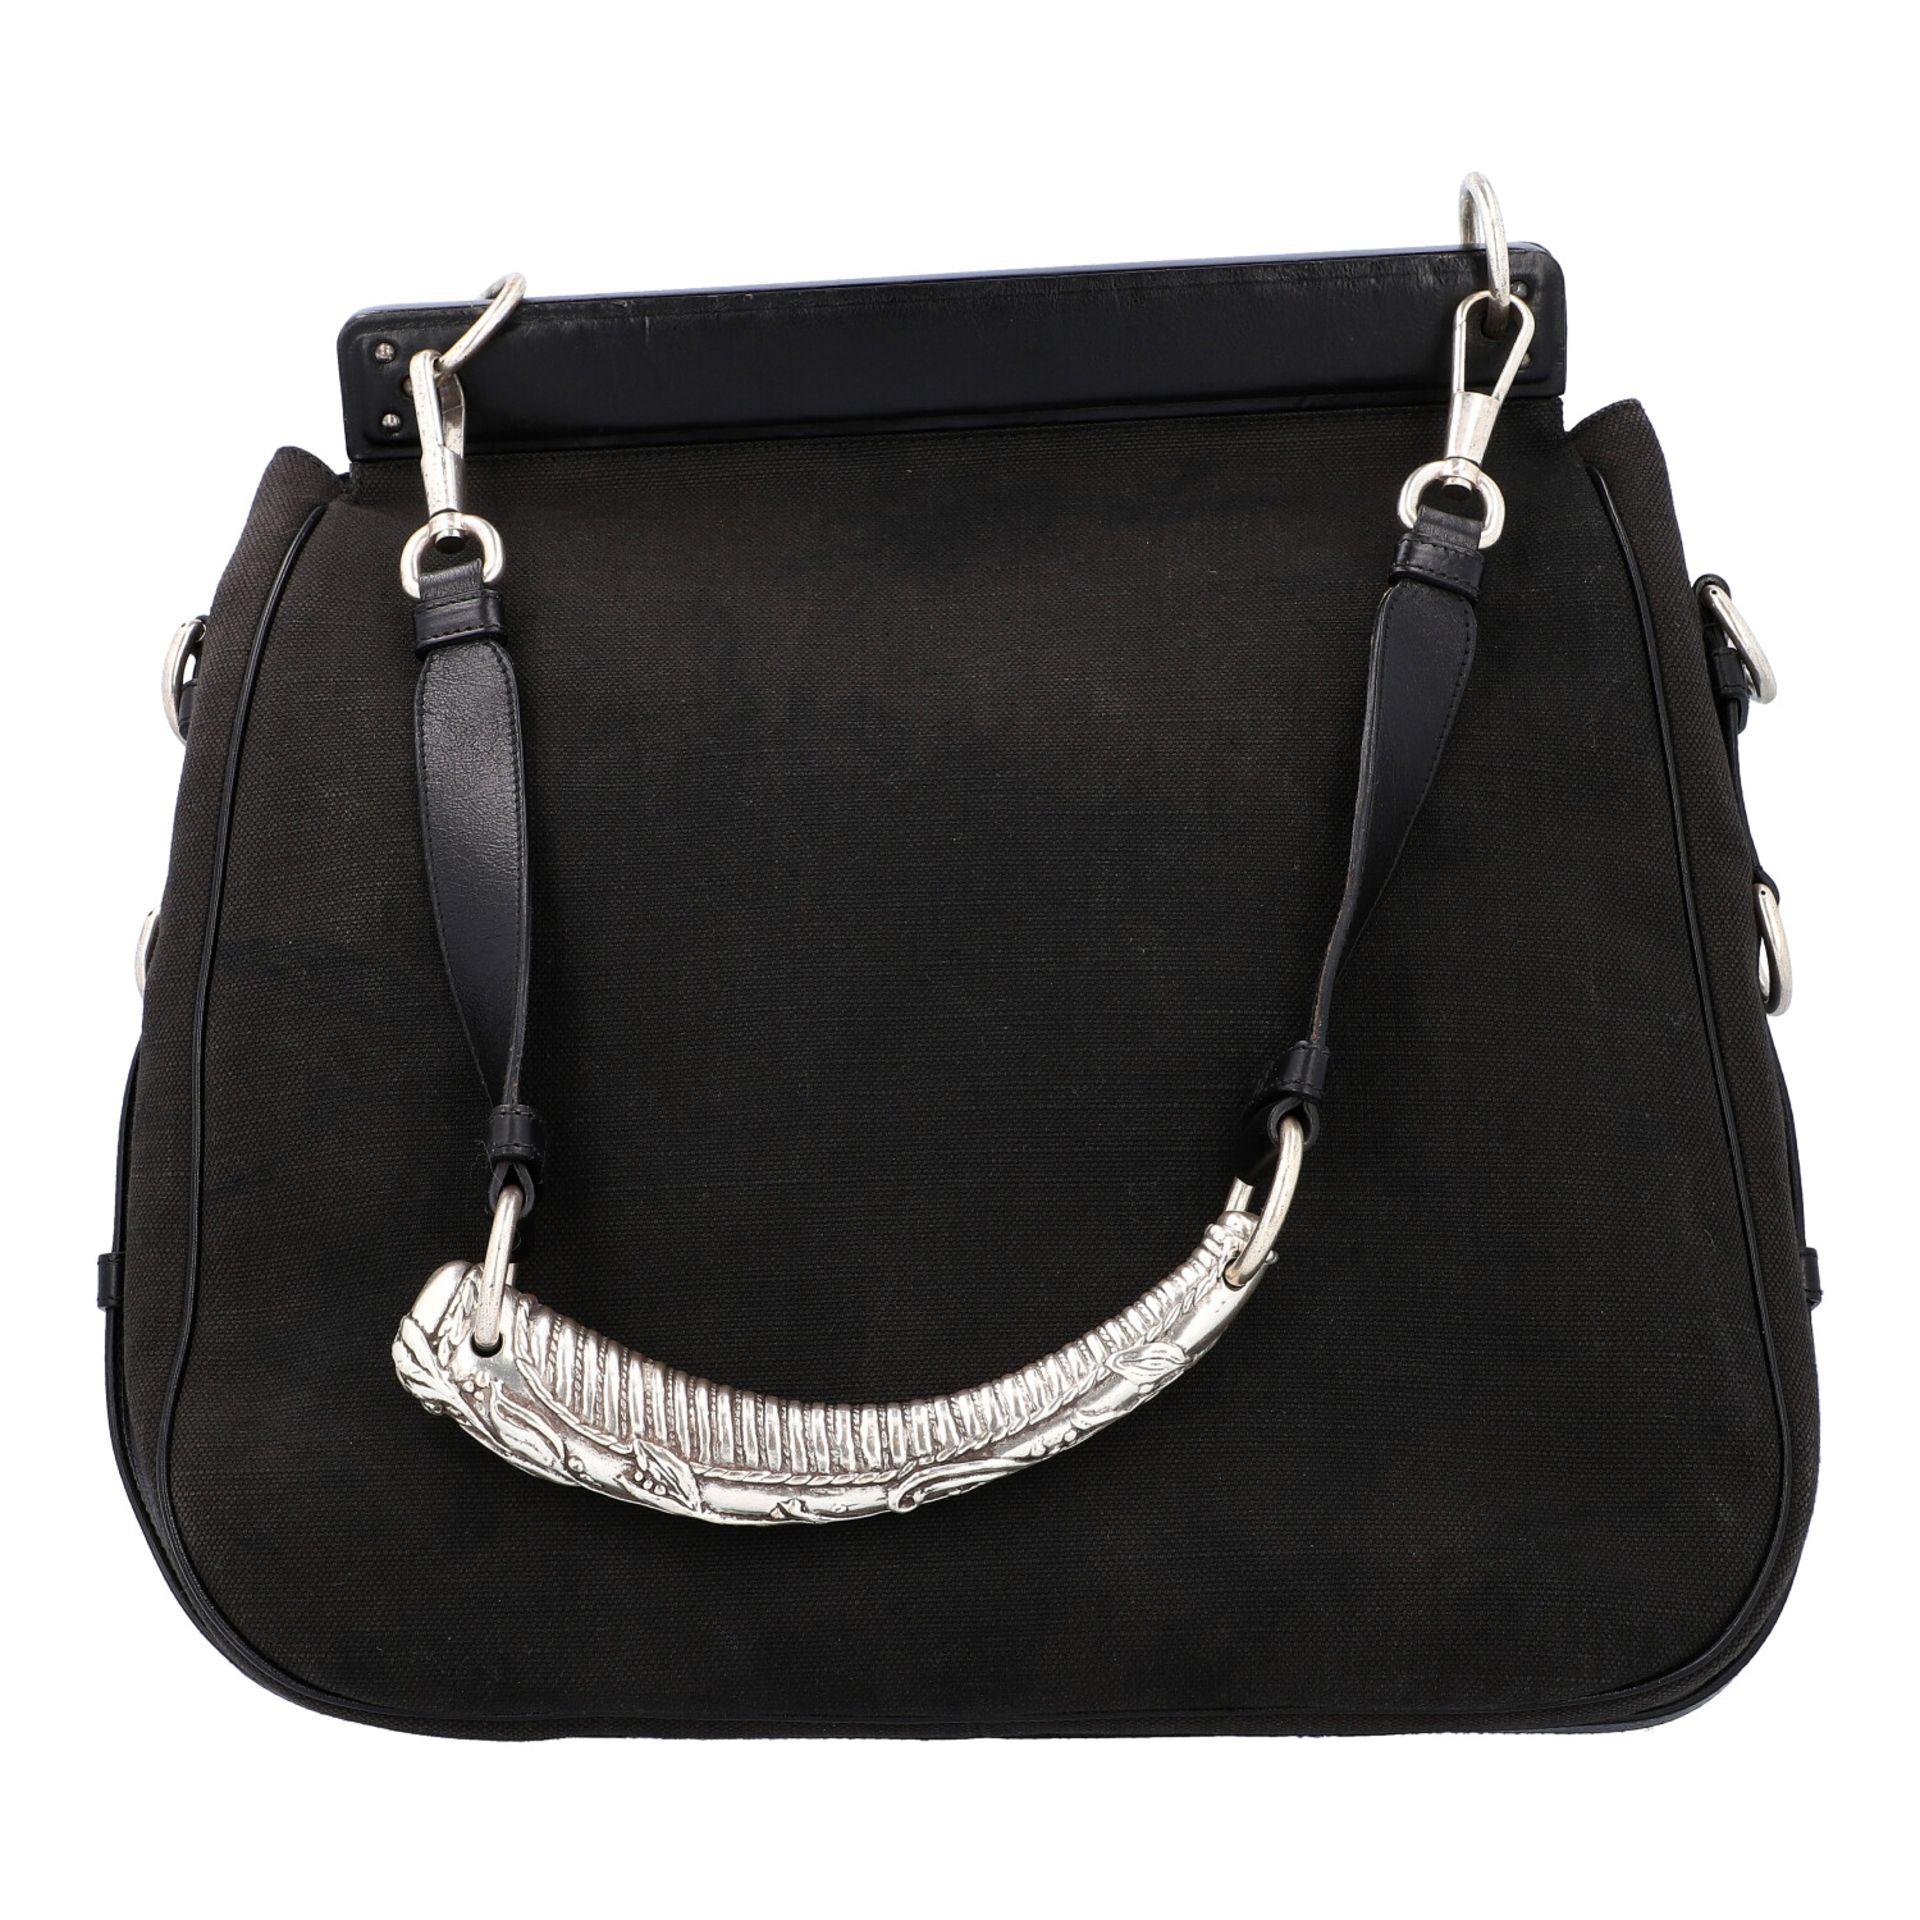 YVES SAINT LAURENT VINTAGE Handtasche. Schwarzes Modell aus Textil mit schwarzem Über - Image 4 of 8